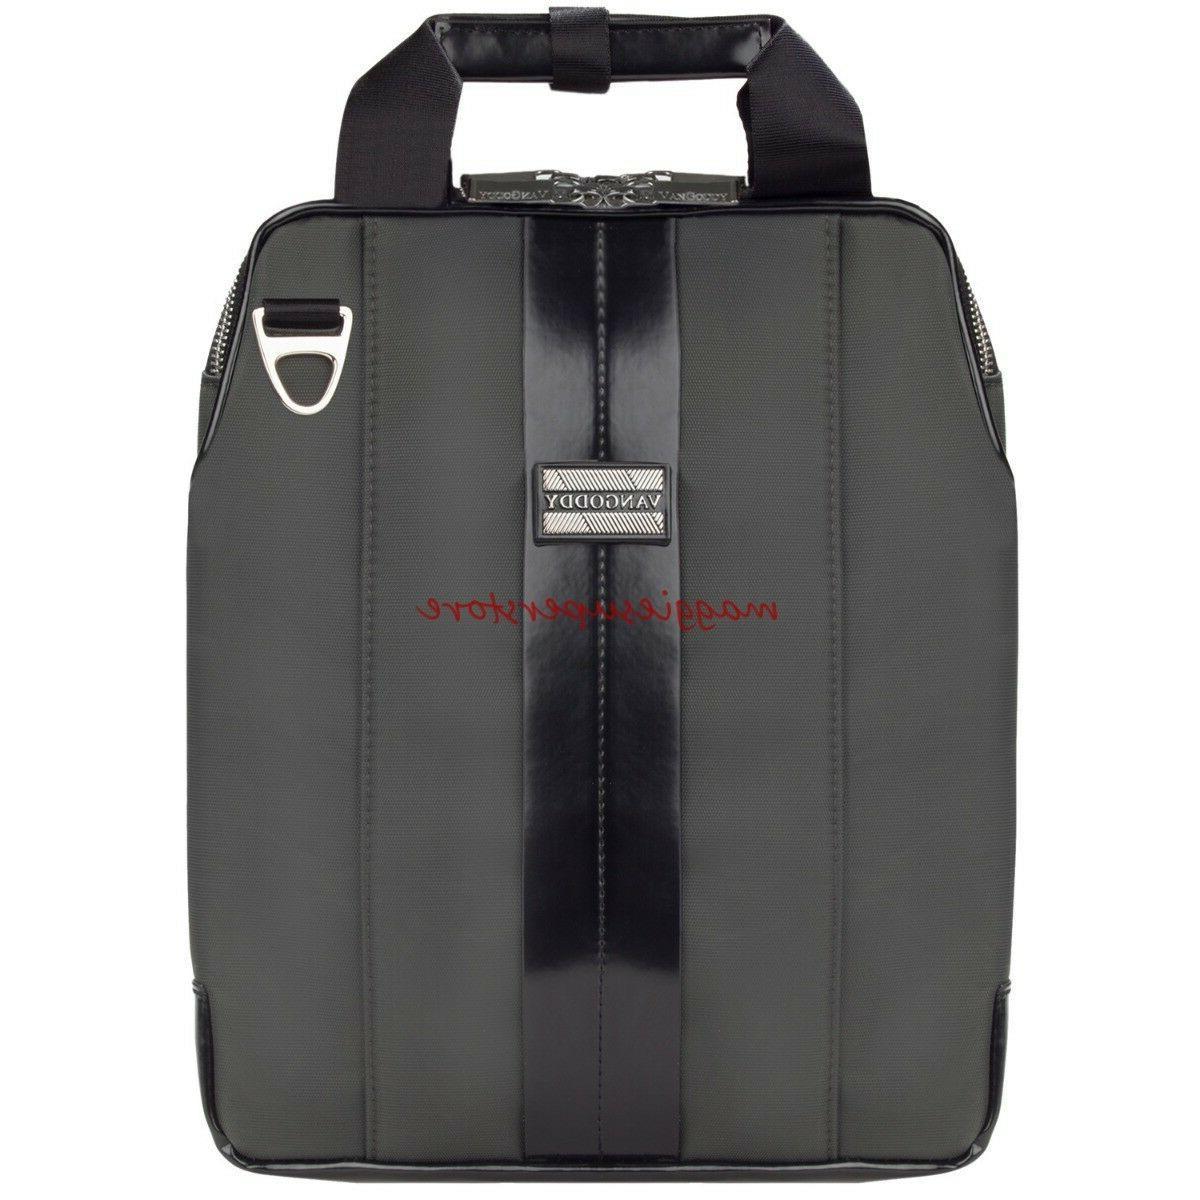 grey tablet shoulder messenger bag carrying case